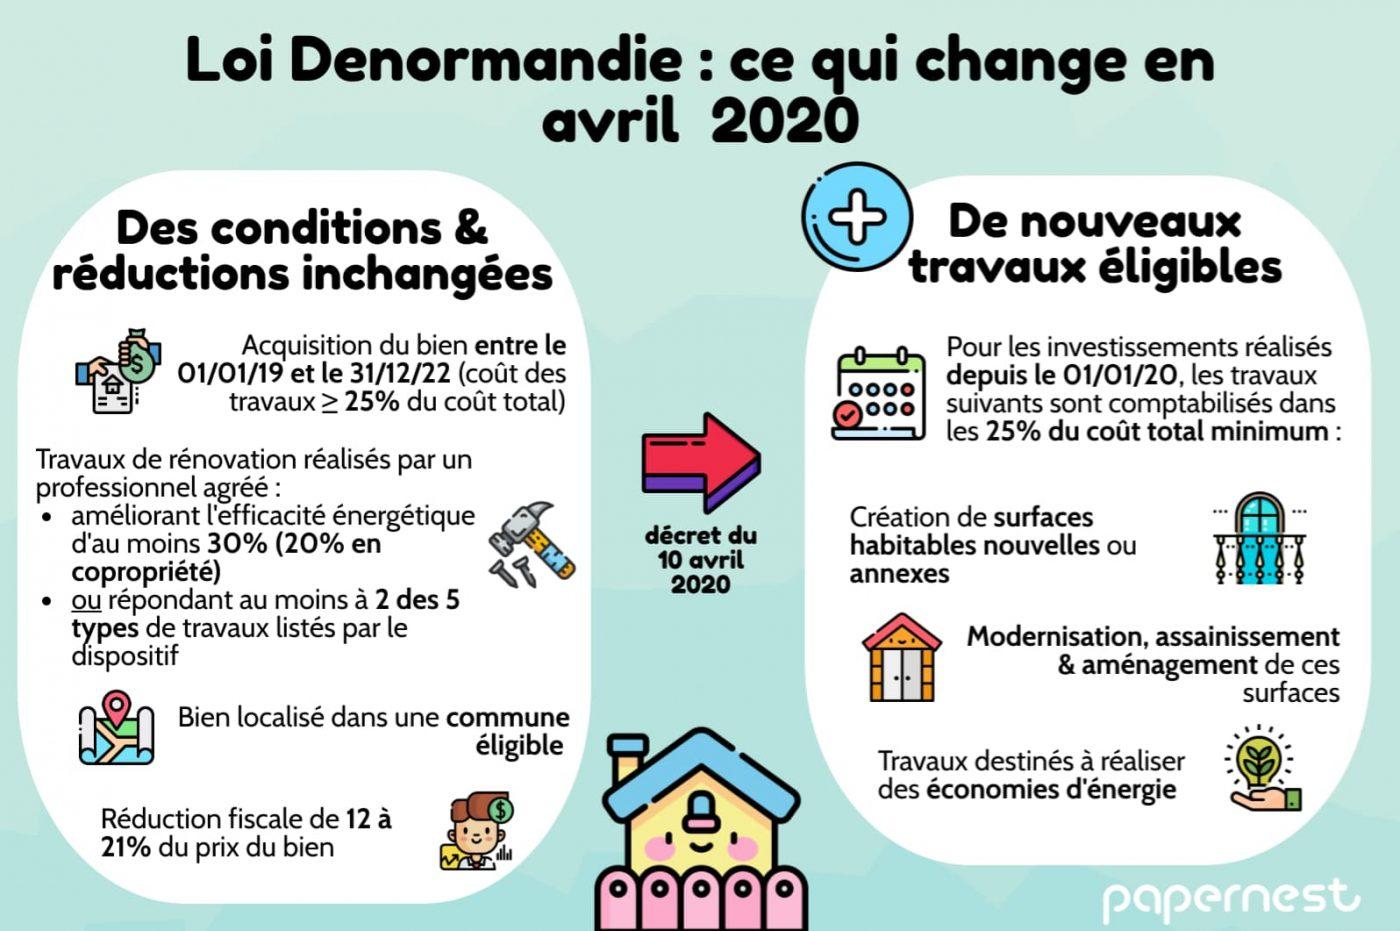 Denormandie decret 2020-04-10